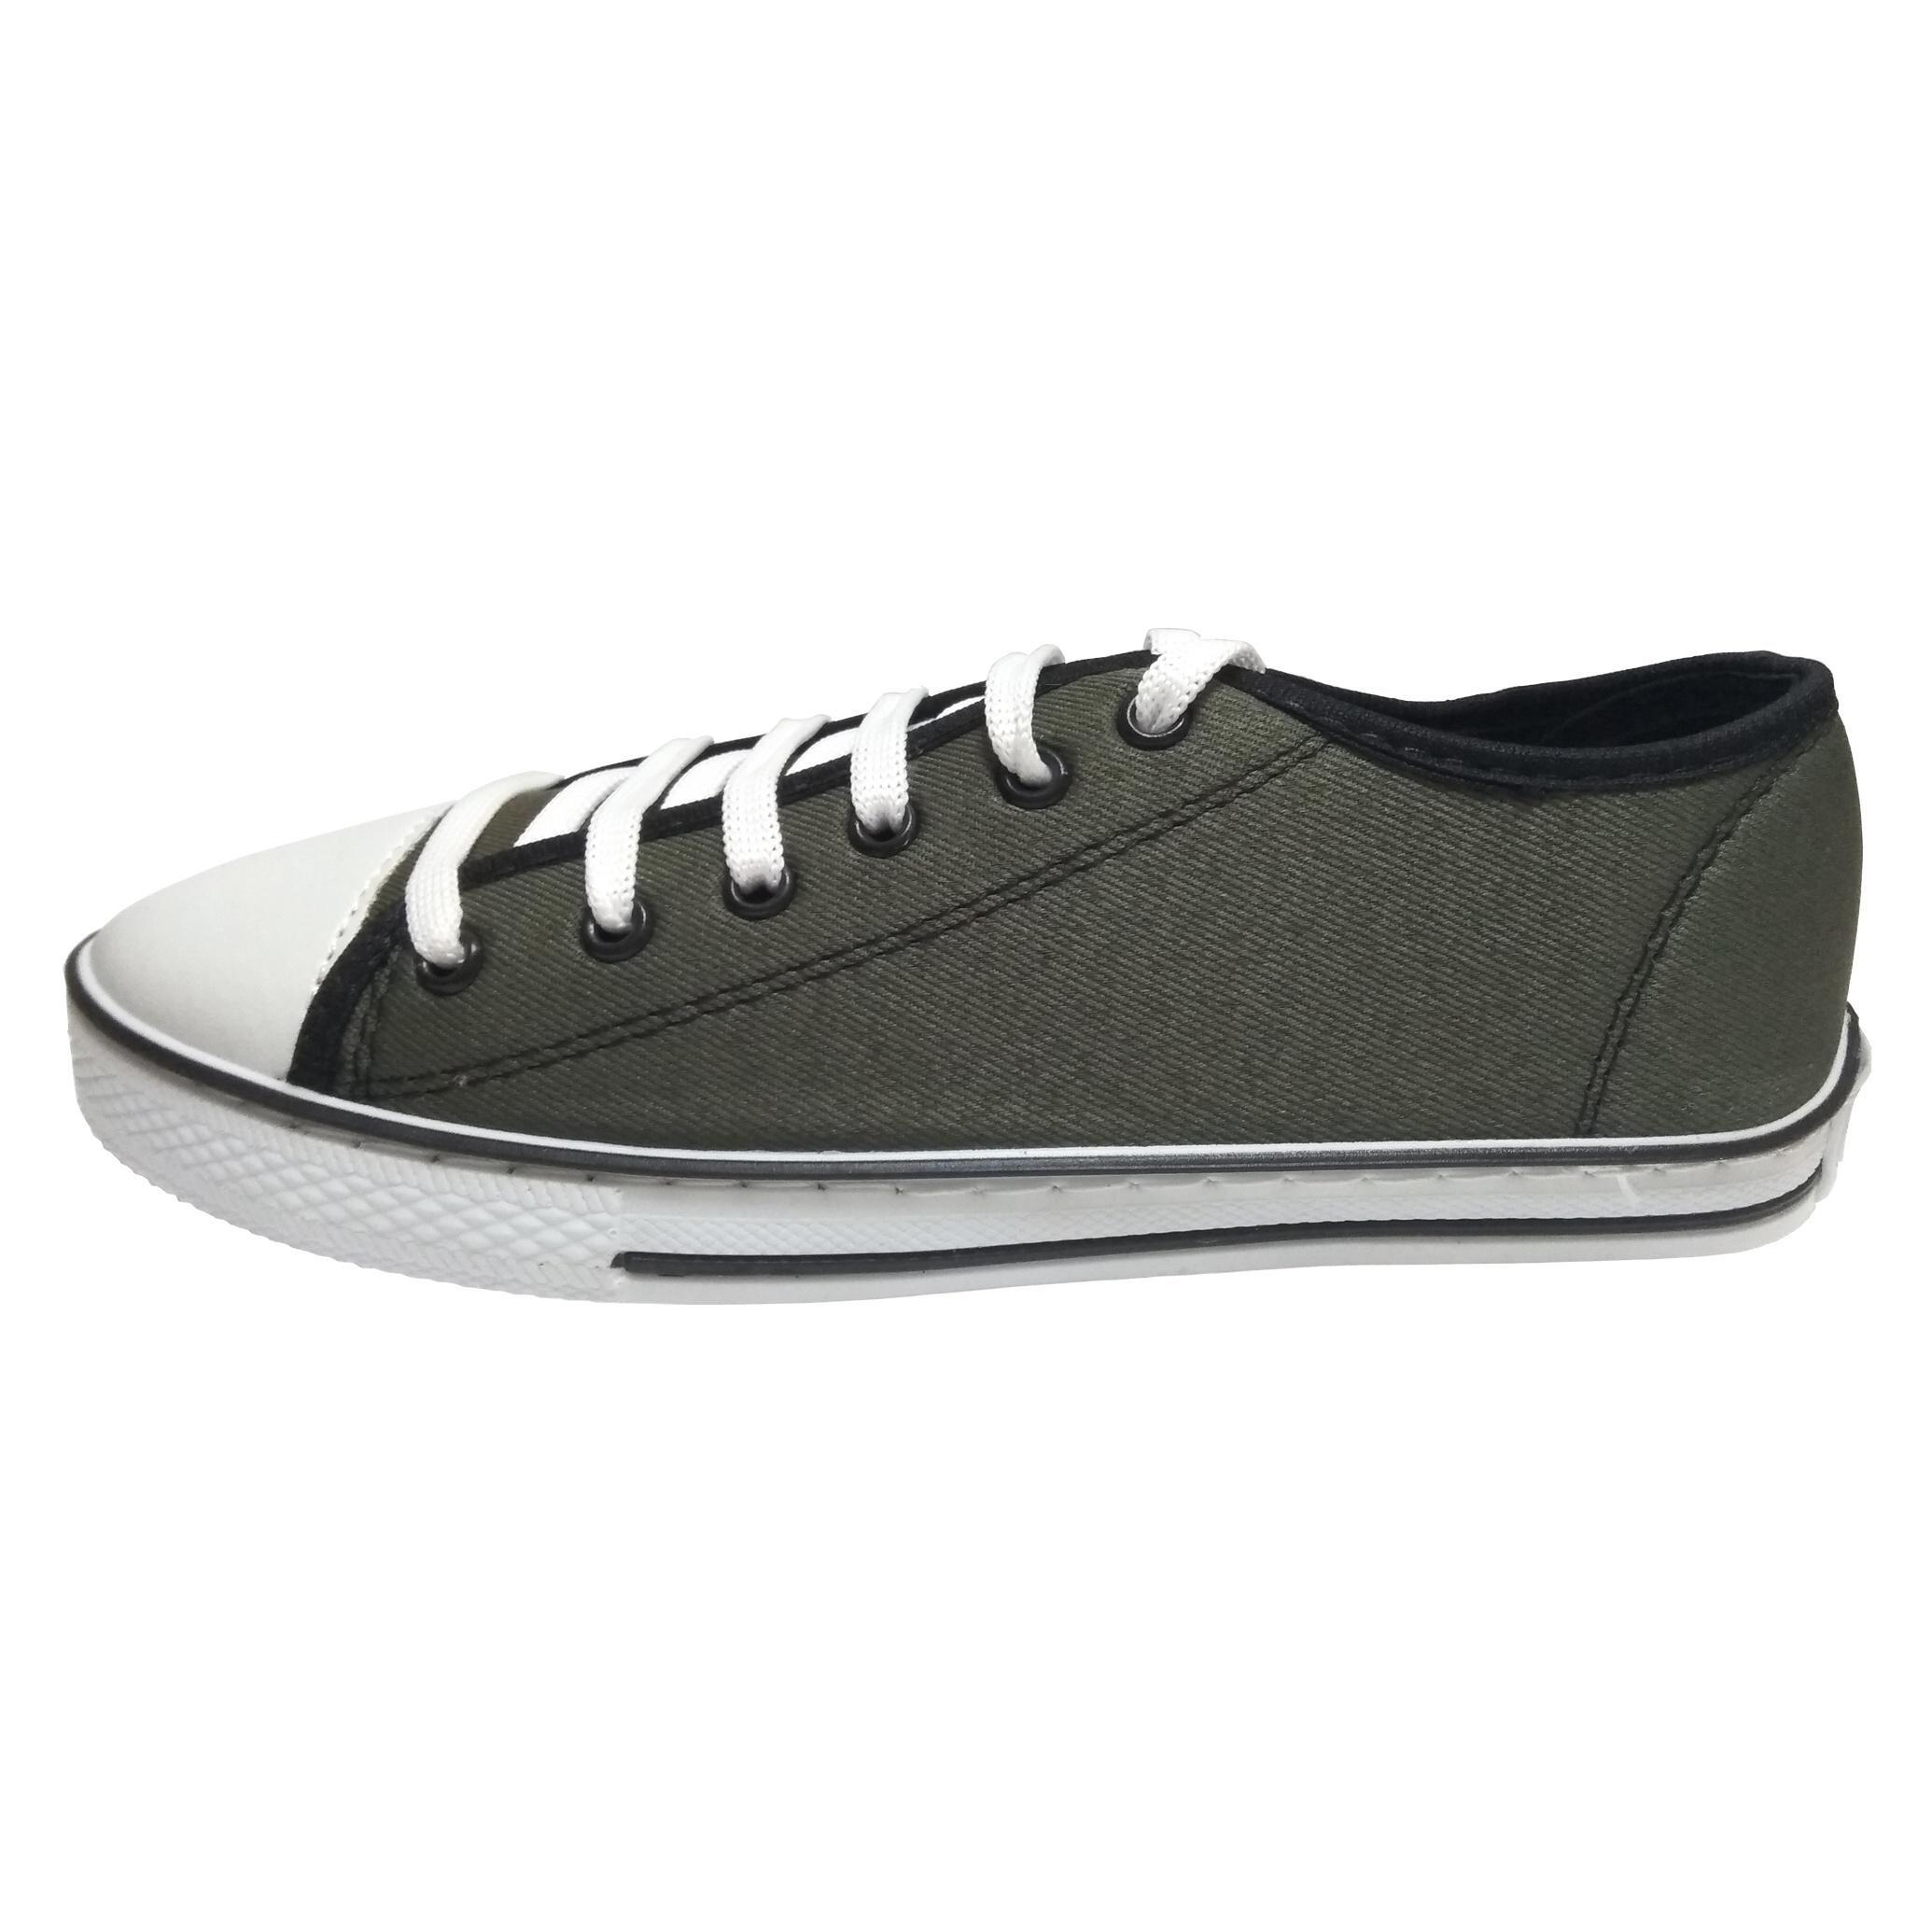 کفش راحتی زنانه کد استار 13